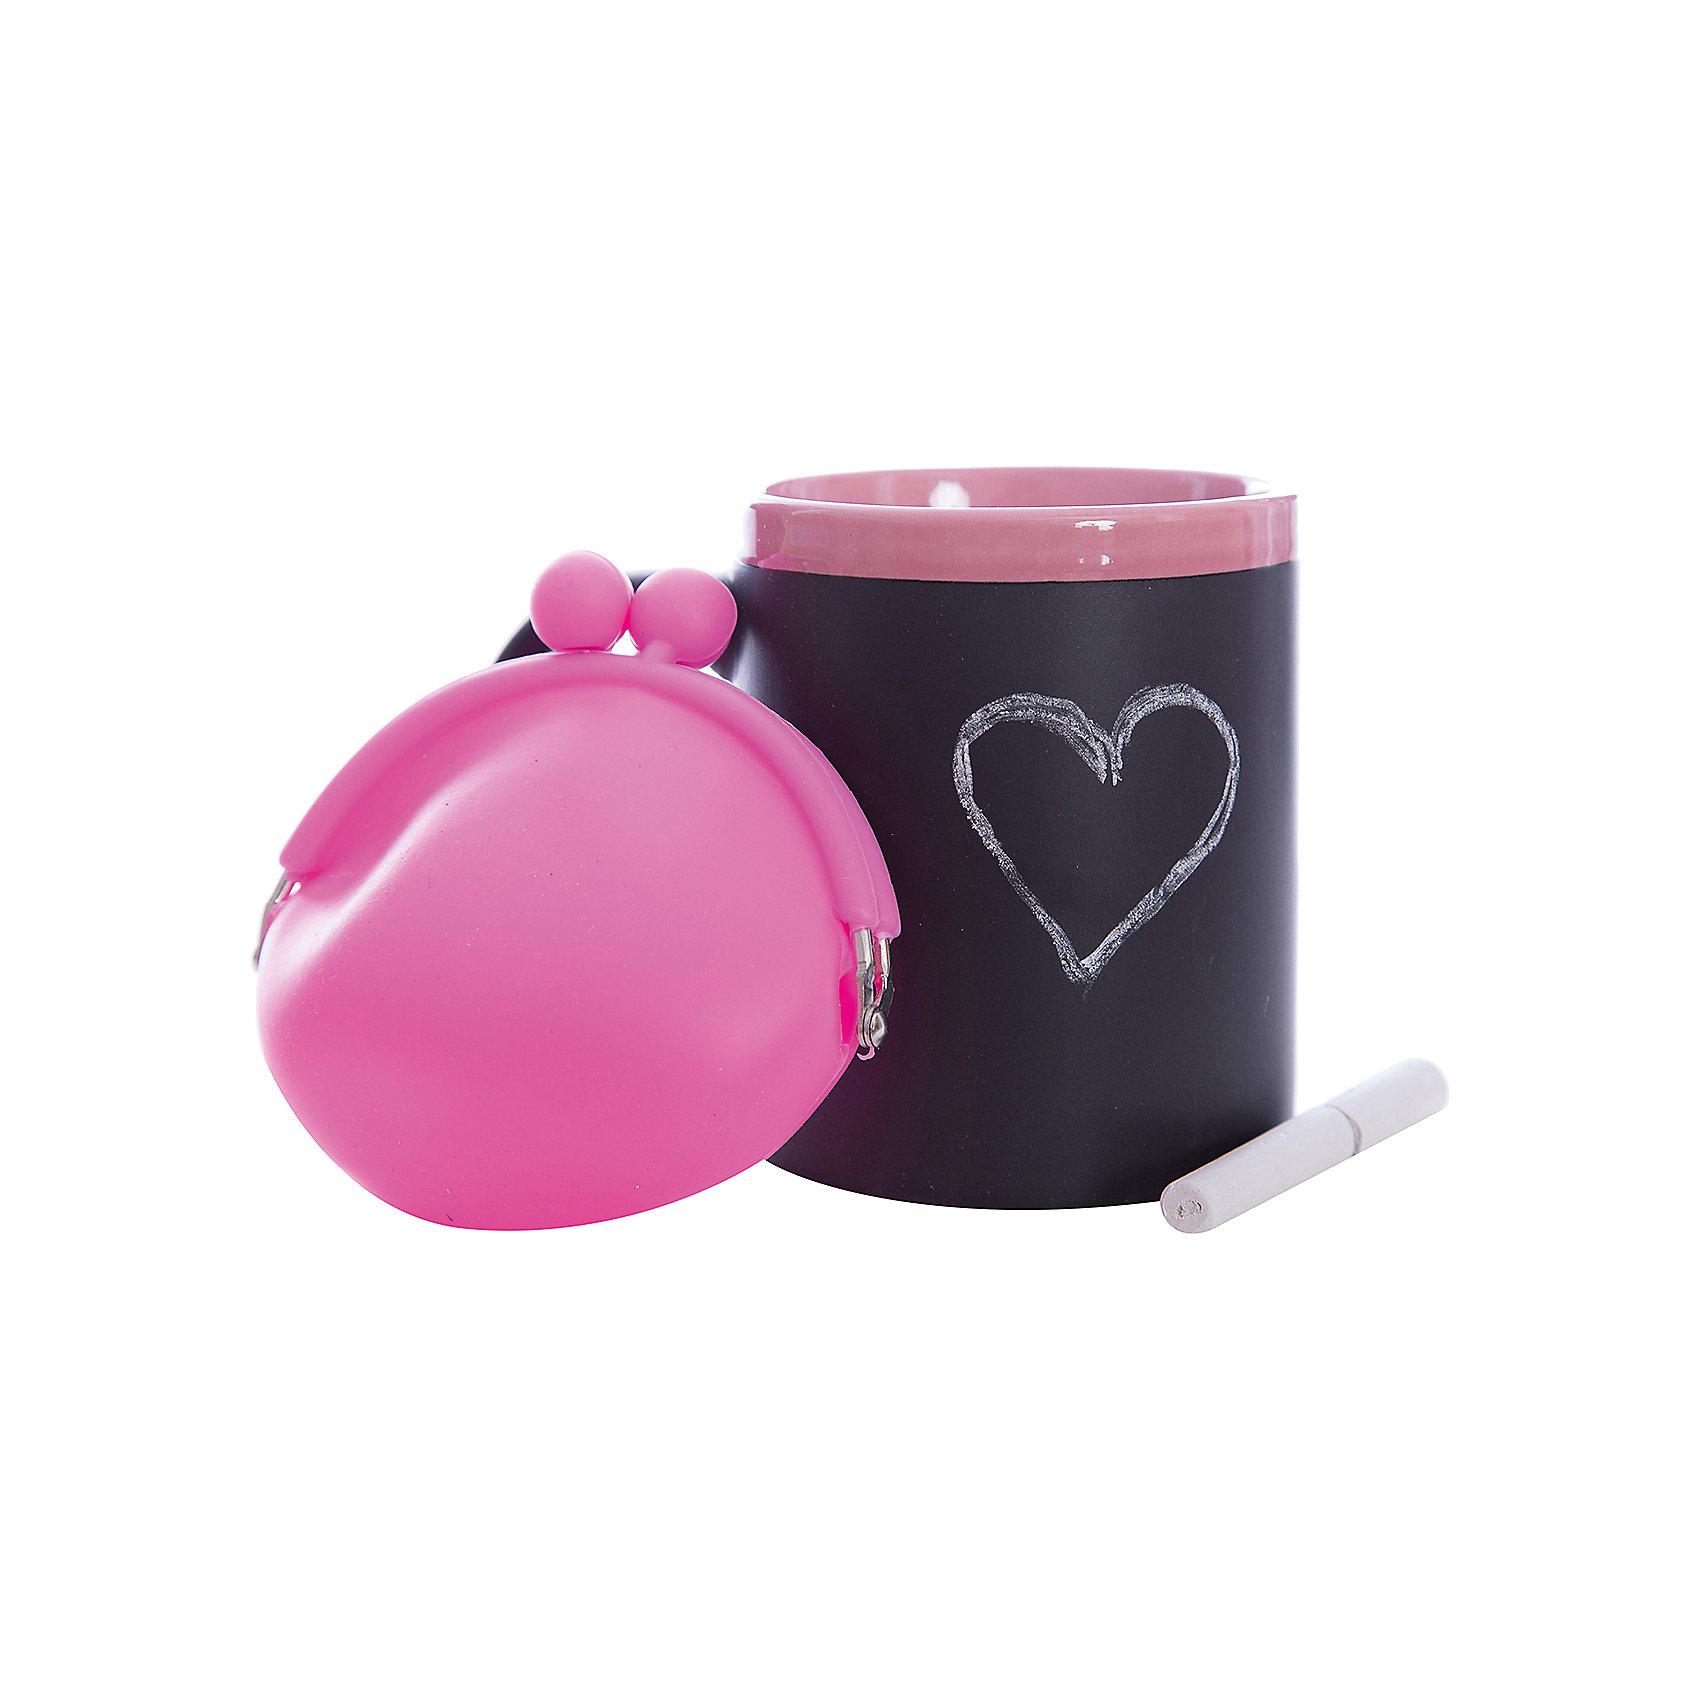 Набор подарочный  Розовый, Феникс-ПрезентПосуда<br>Набор подарочный Розовый, Феникс-Презент<br><br>Характеристики:<br><br>• оригинальный набор в подарочной упаковке<br>• в комплекте: кружка, мелки (2 шт.), кошелек<br>• кружка с меловым грифельным покрытием для заметок<br>• материал кружки: керамика<br>• объем кружки: 300 мл<br>• материал кошелька: силикон<br>• размер коробки: 12х11х10,5 см<br><br>Набор Розовый - отличный вариант для тех, кто любит оригинальные и запоминающиеся подарки. В комплект входят 2 мелка, кружка и кошелек. Кружка из керамики никого не оставит равнодушным! На ней, с помощью мелков, можно оставить любые послания для близкого человека. Кошелек небольшого размера изготовлен из силикона. Все изделия выполнены в розовом и черном цветах. Такой подарок именинник запомнит надолго!<br><br>Набор подарочный Розовый, Феникс-Презент можно купить в нашем интернет-магазине.<br><br>Ширина мм: 120<br>Глубина мм: 110<br>Высота мм: 110<br>Вес г: 458<br>Возраст от месяцев: 120<br>Возраст до месяцев: 2147483647<br>Пол: Унисекс<br>Возраст: Детский<br>SKU: 5449659